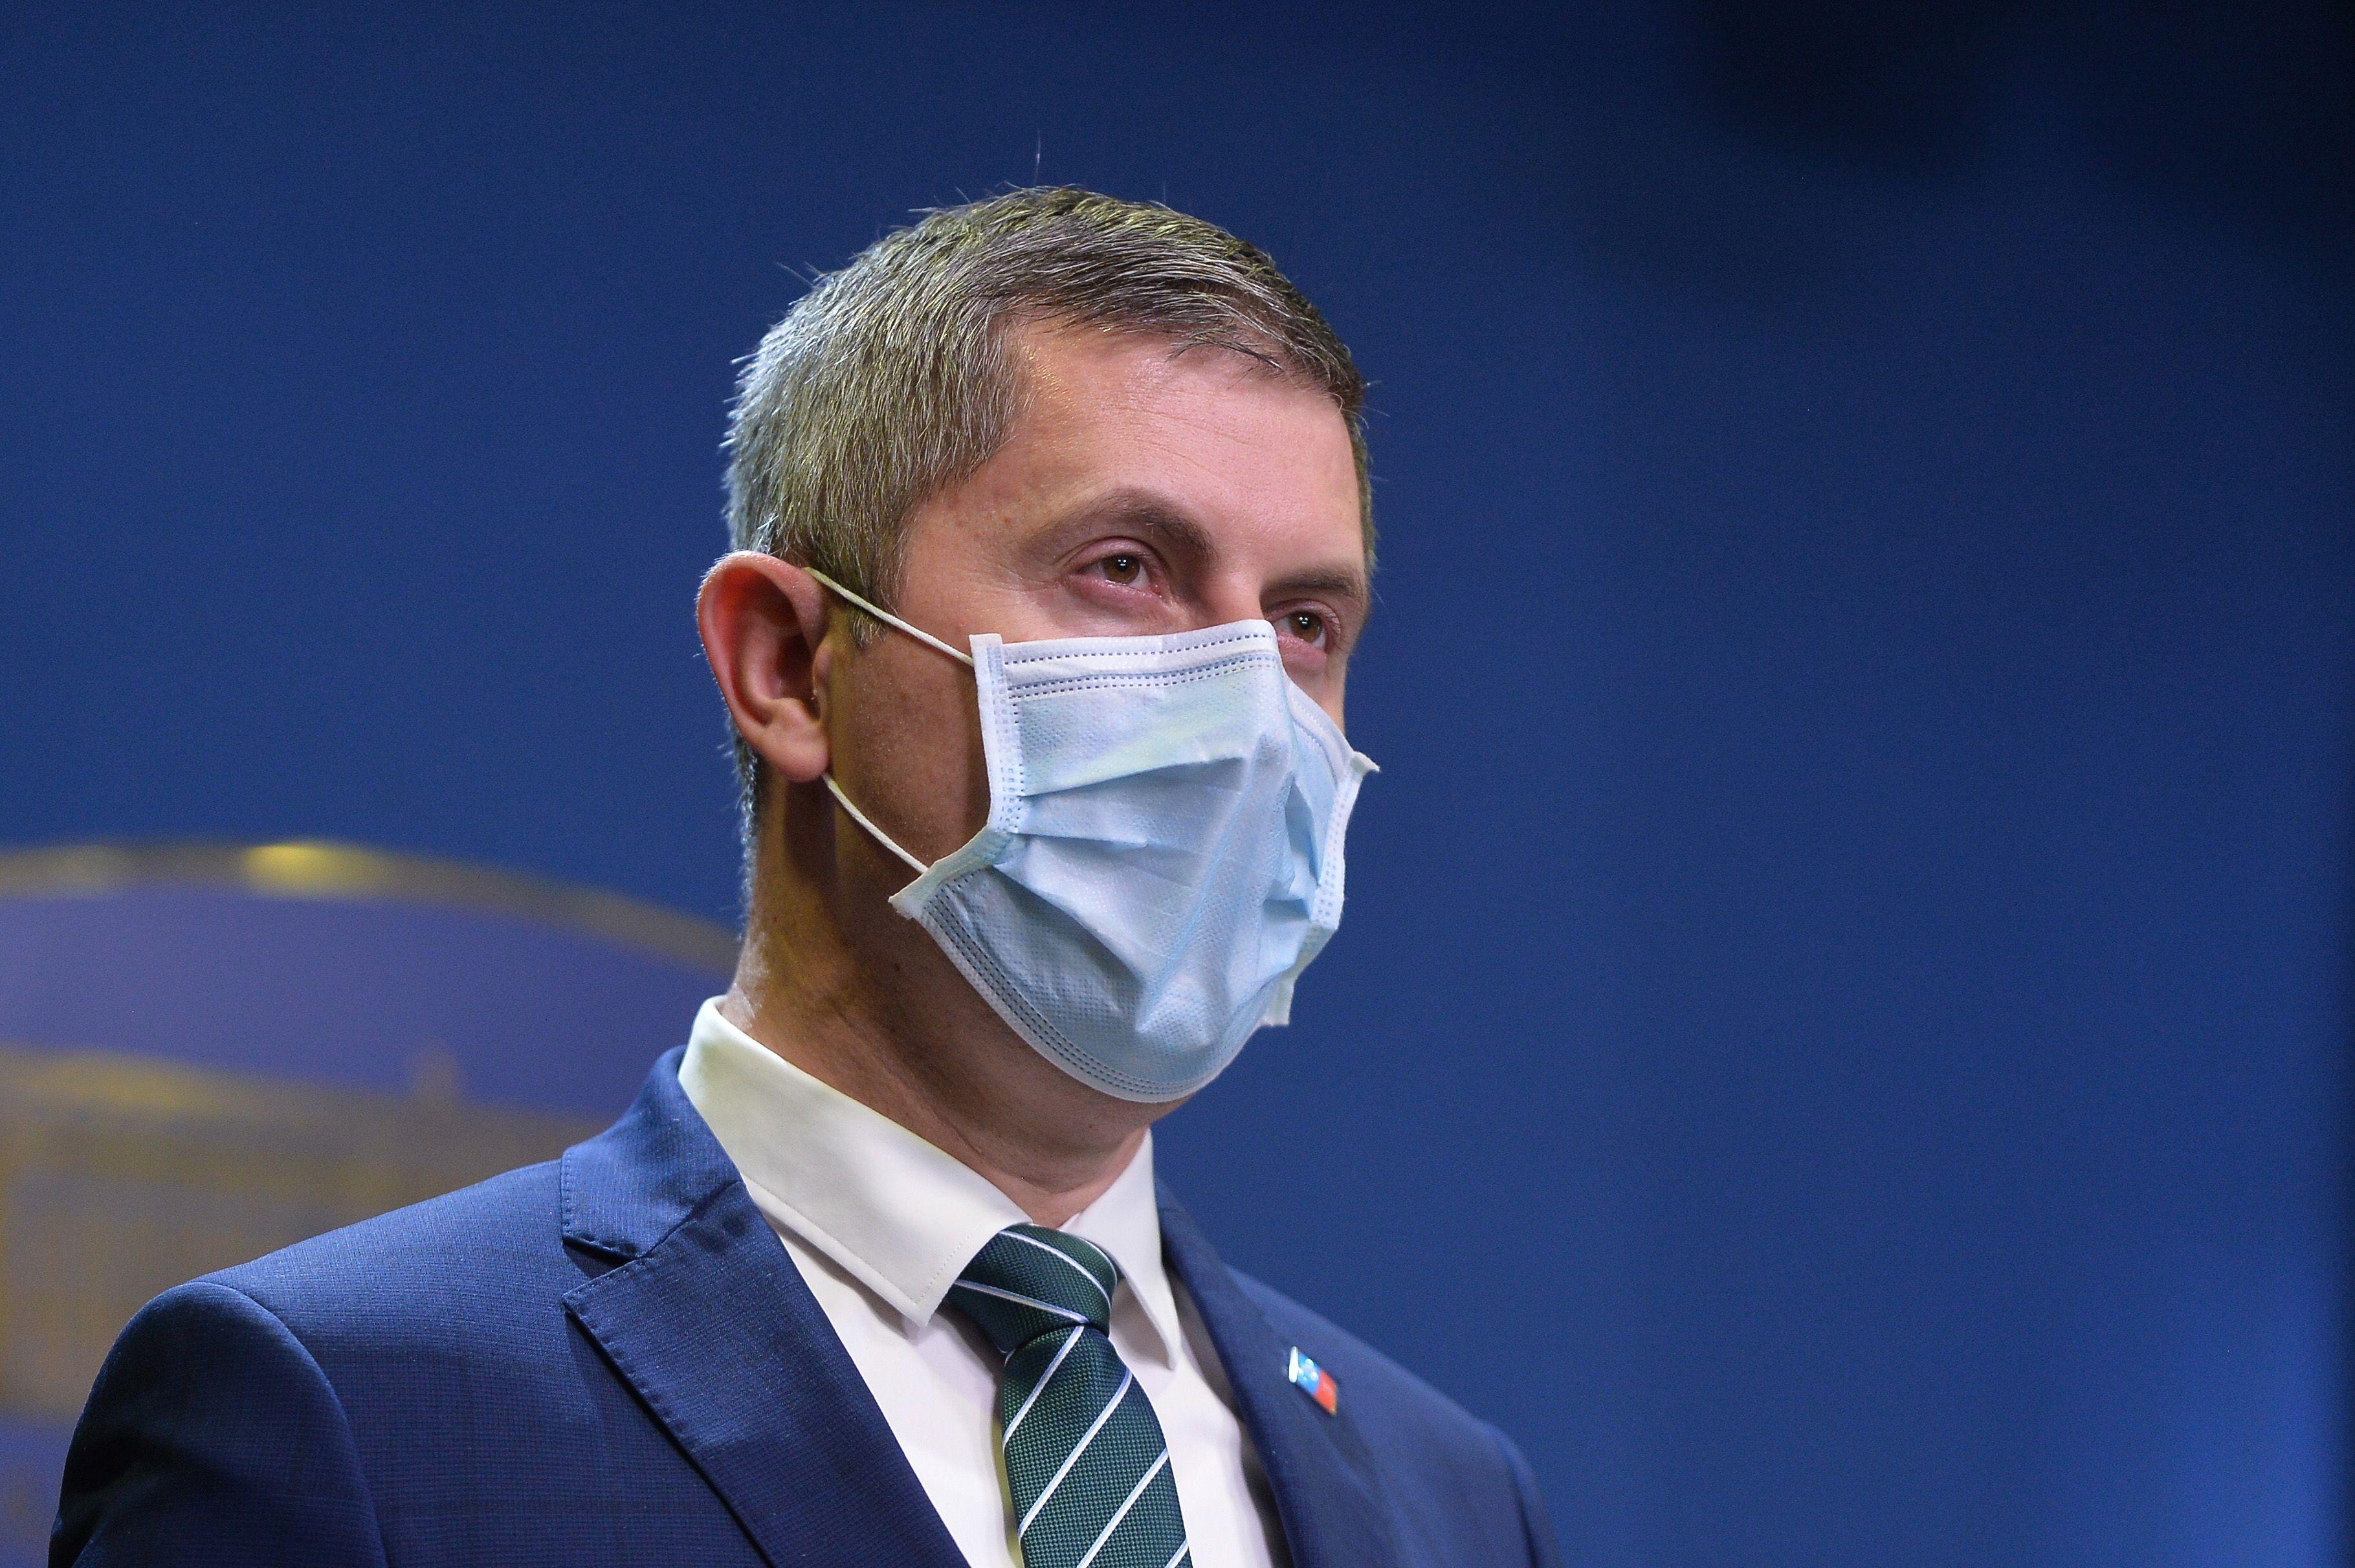 Dan Barna, pregătit să îşi dea demisia dacă DNA începe urmărirea penală împotriva lui, în dosarul proiectelor europene